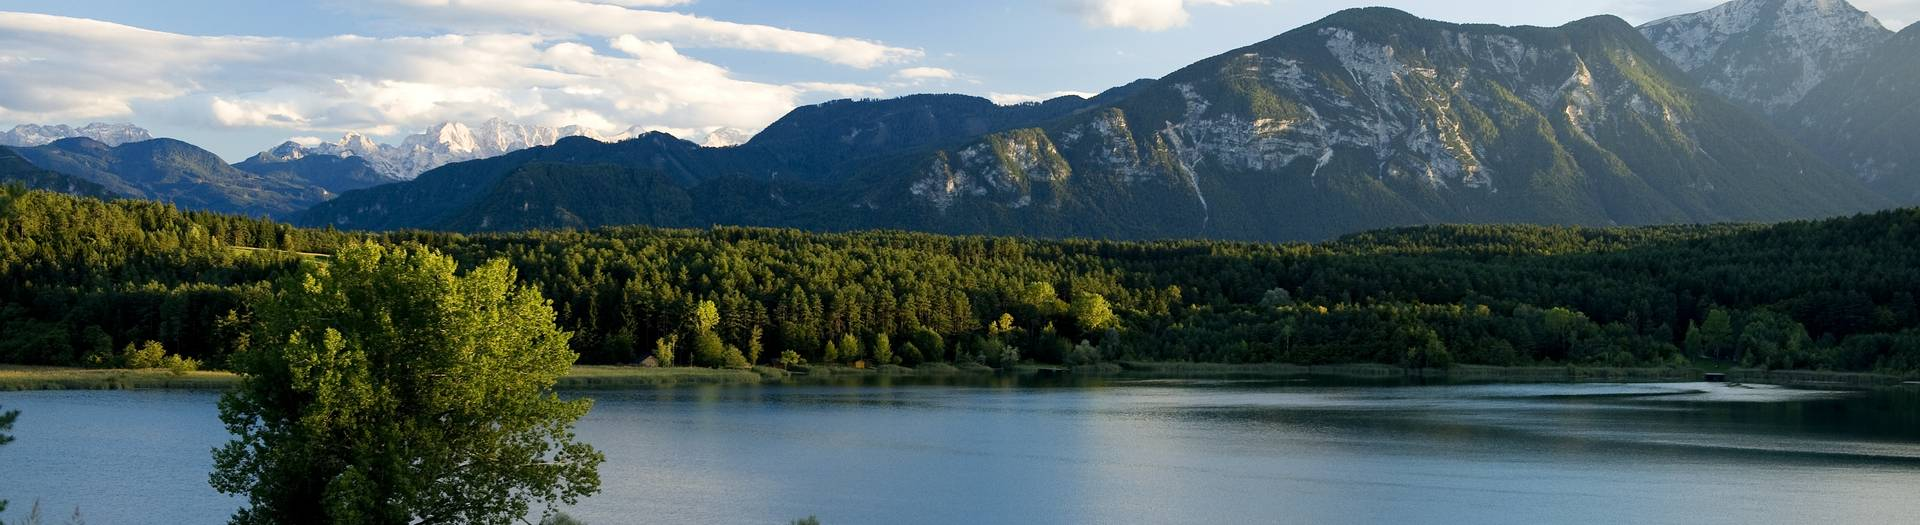 Landschaftsbild Turnersee